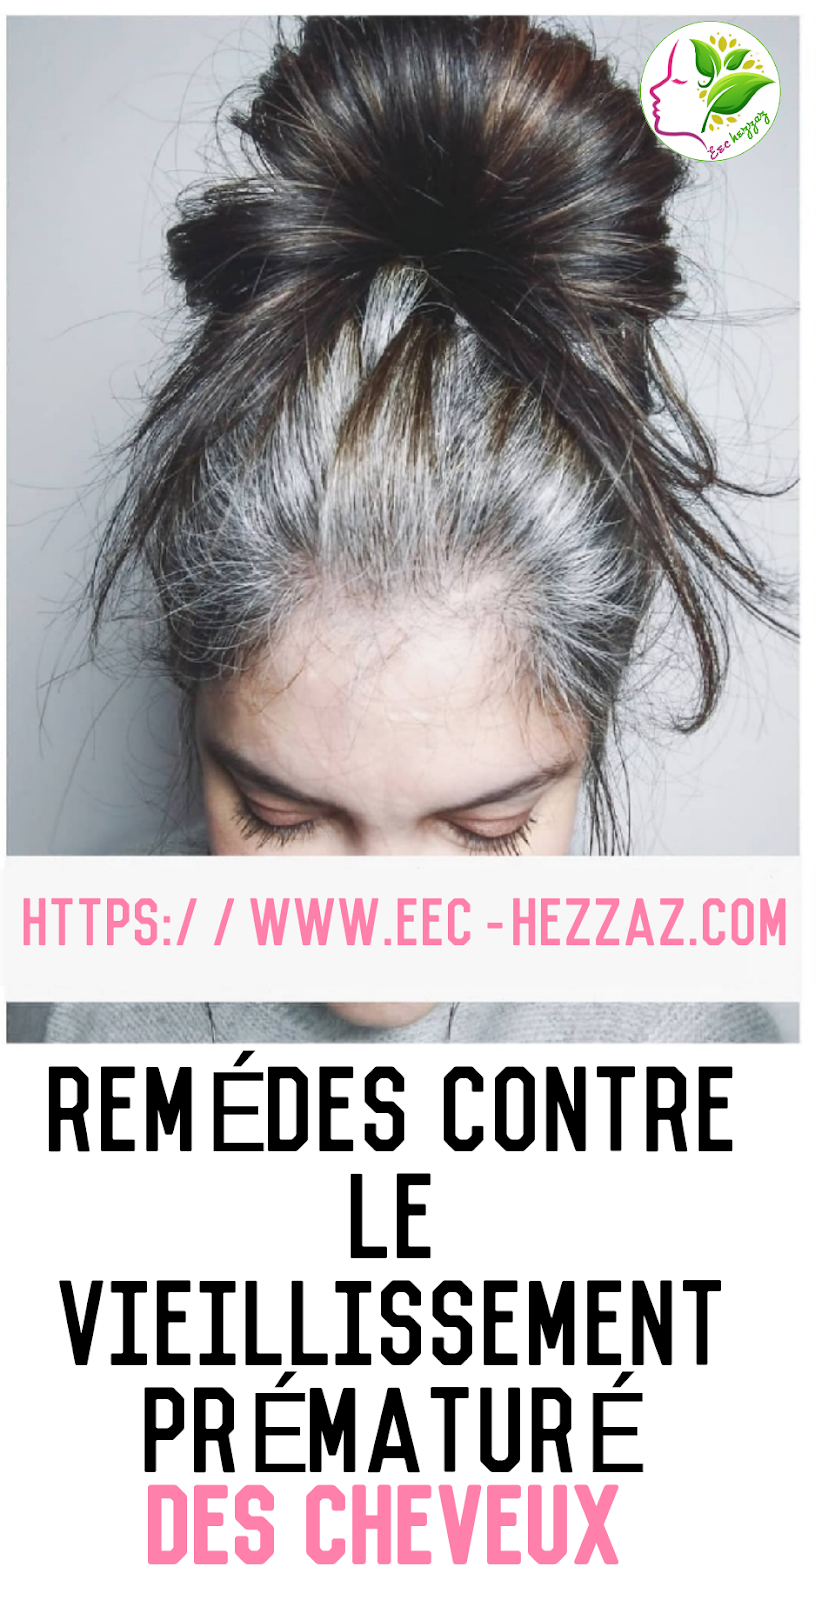 Remèdes contre le vieillissement prématuré des cheveux